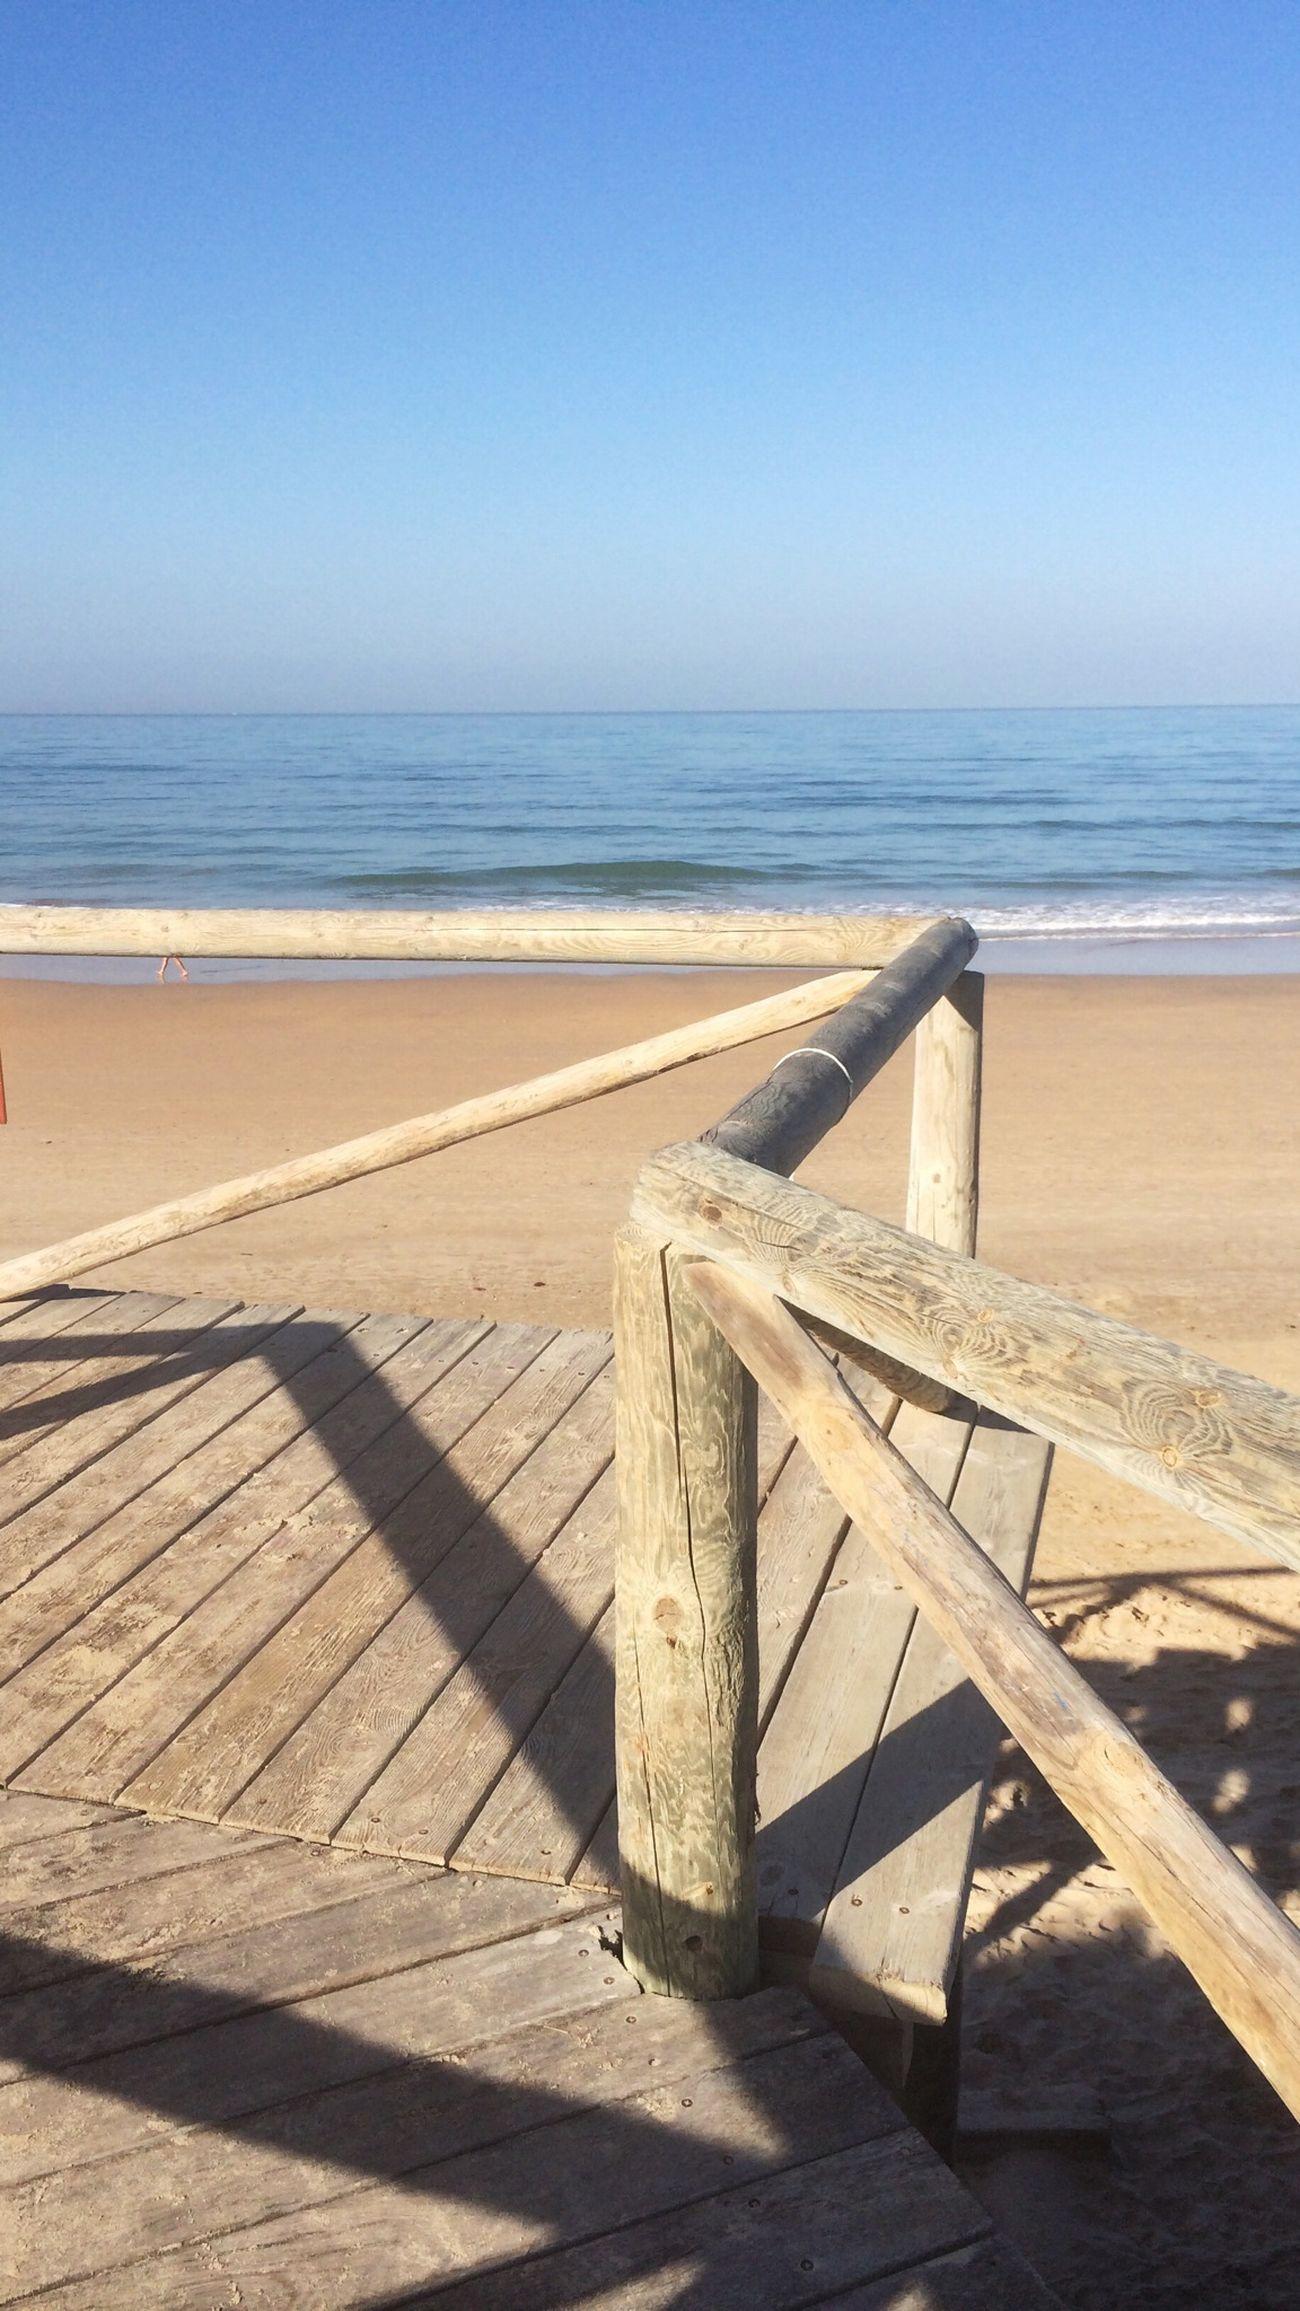 Despedida y cierre EyeEm Best Shots AMPt_community Sea Landscape_Collection